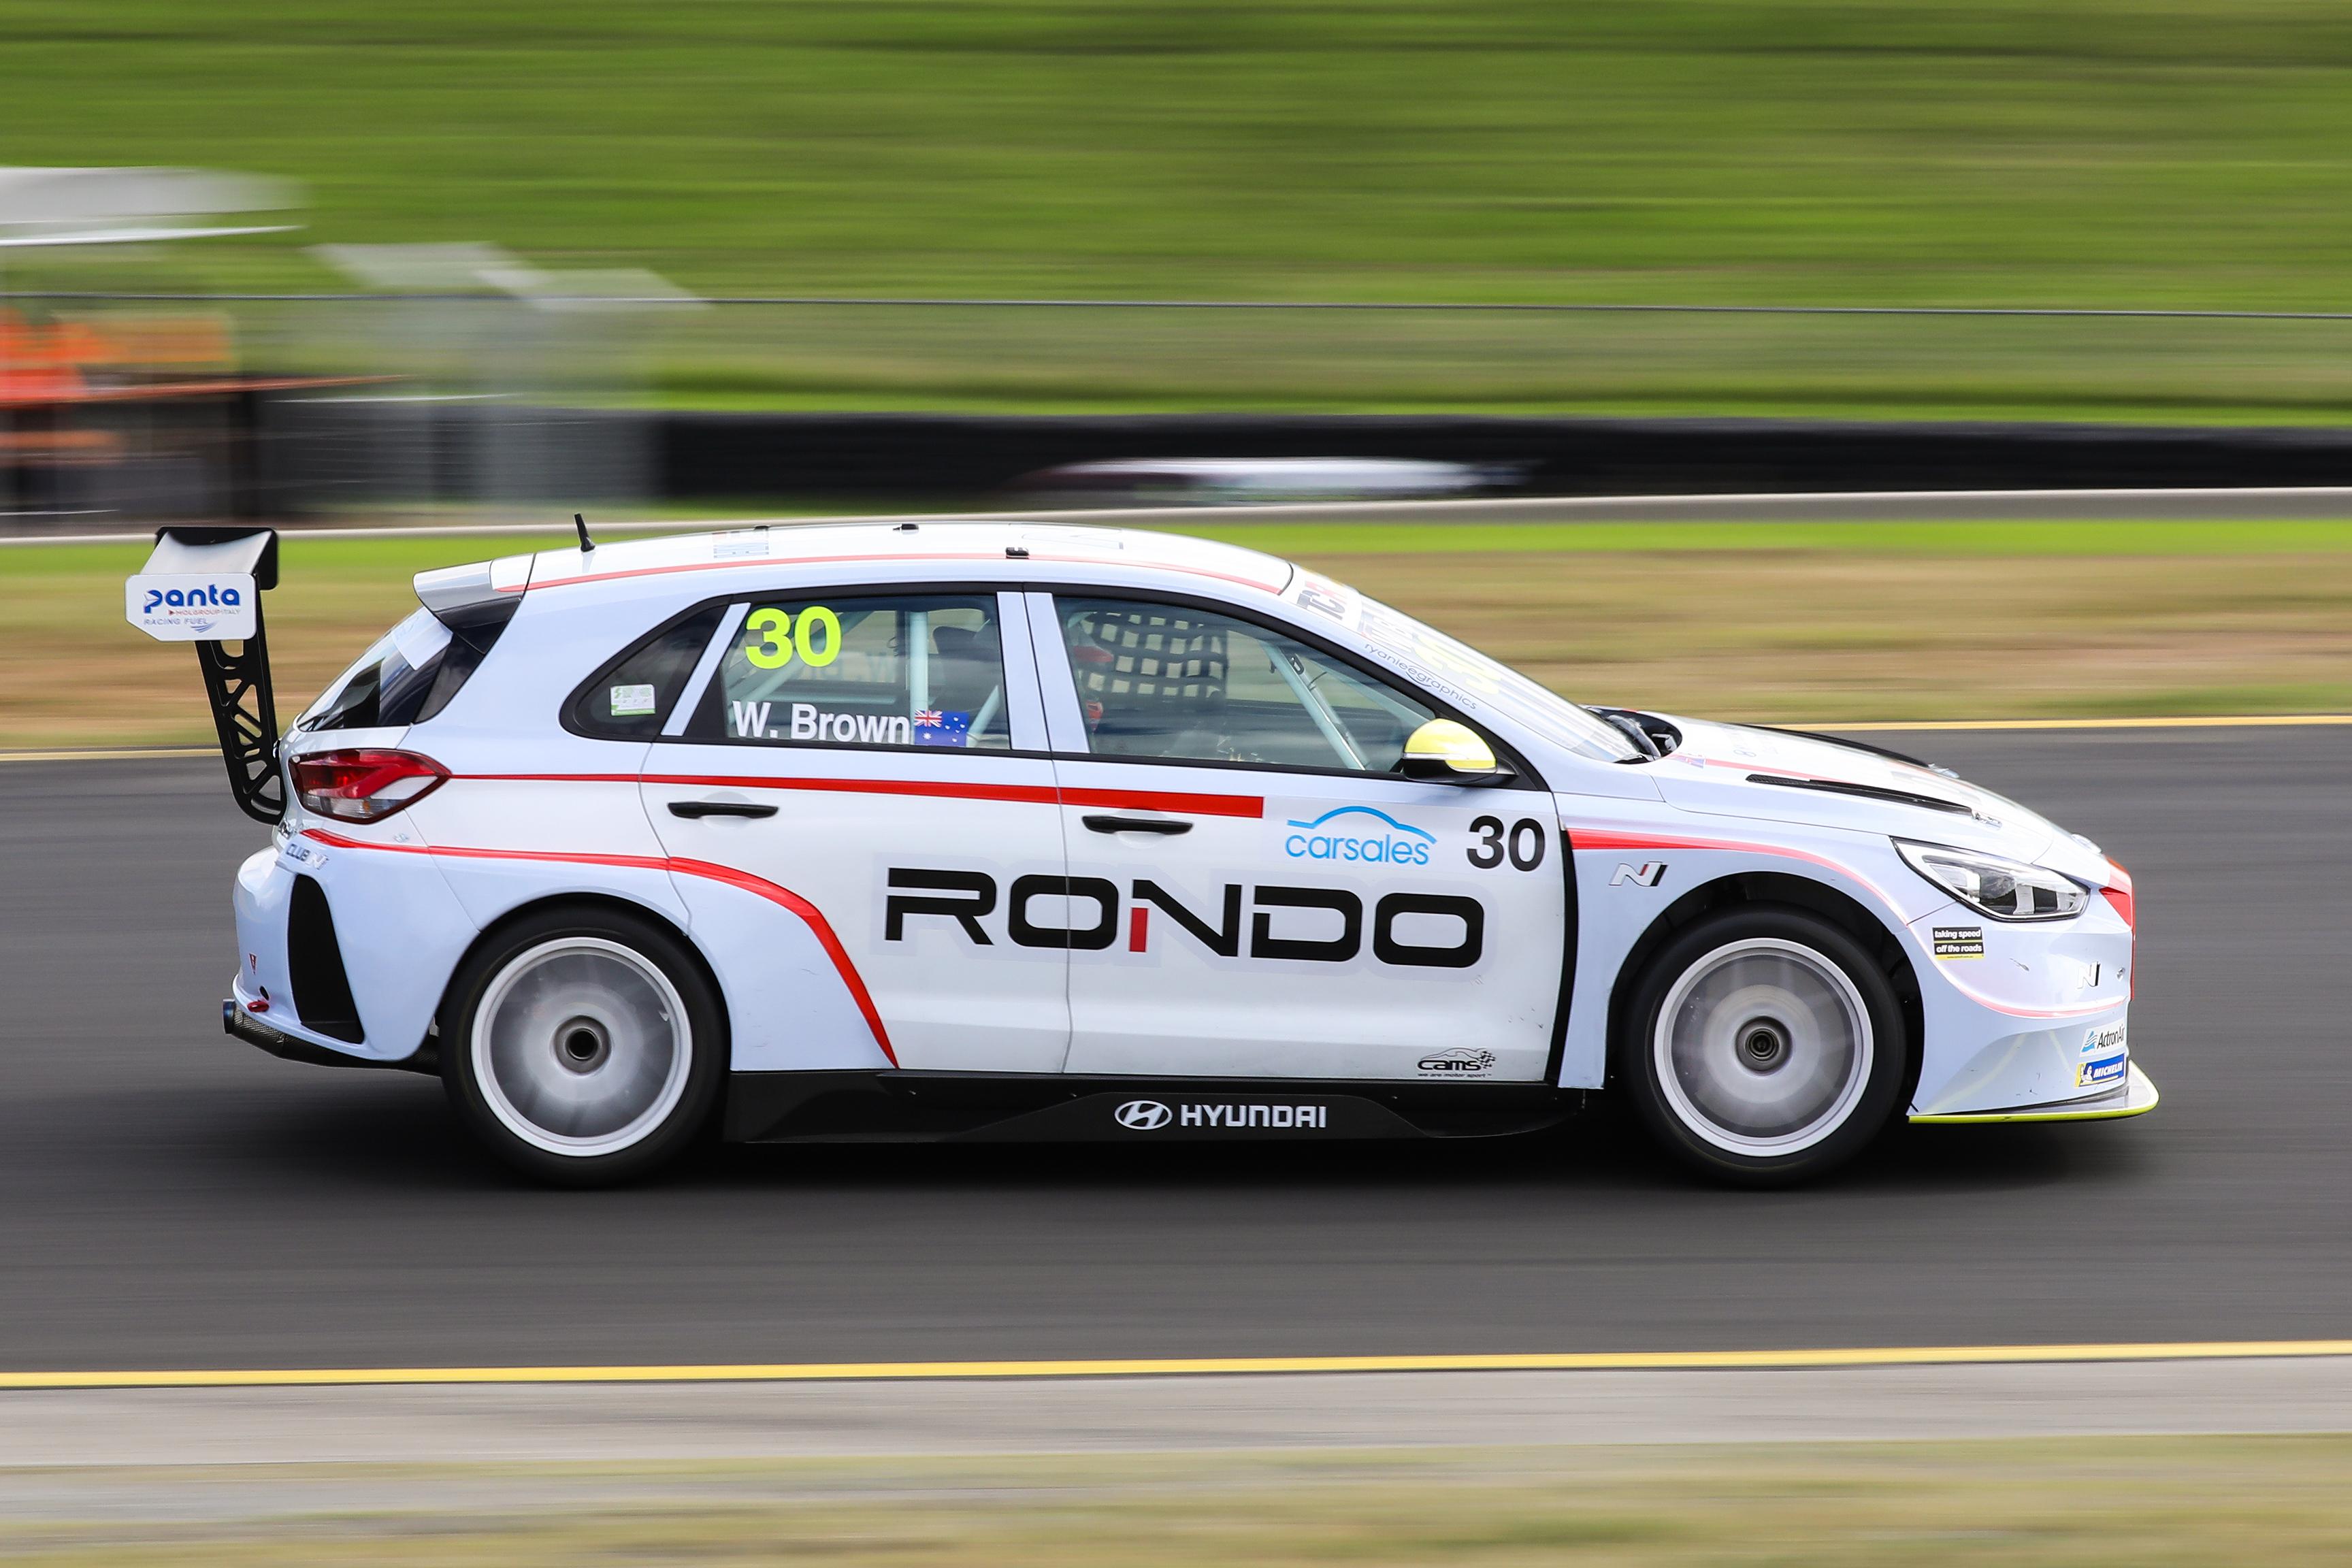 2019 TCR Australia Touring Car Series - Wikipedia